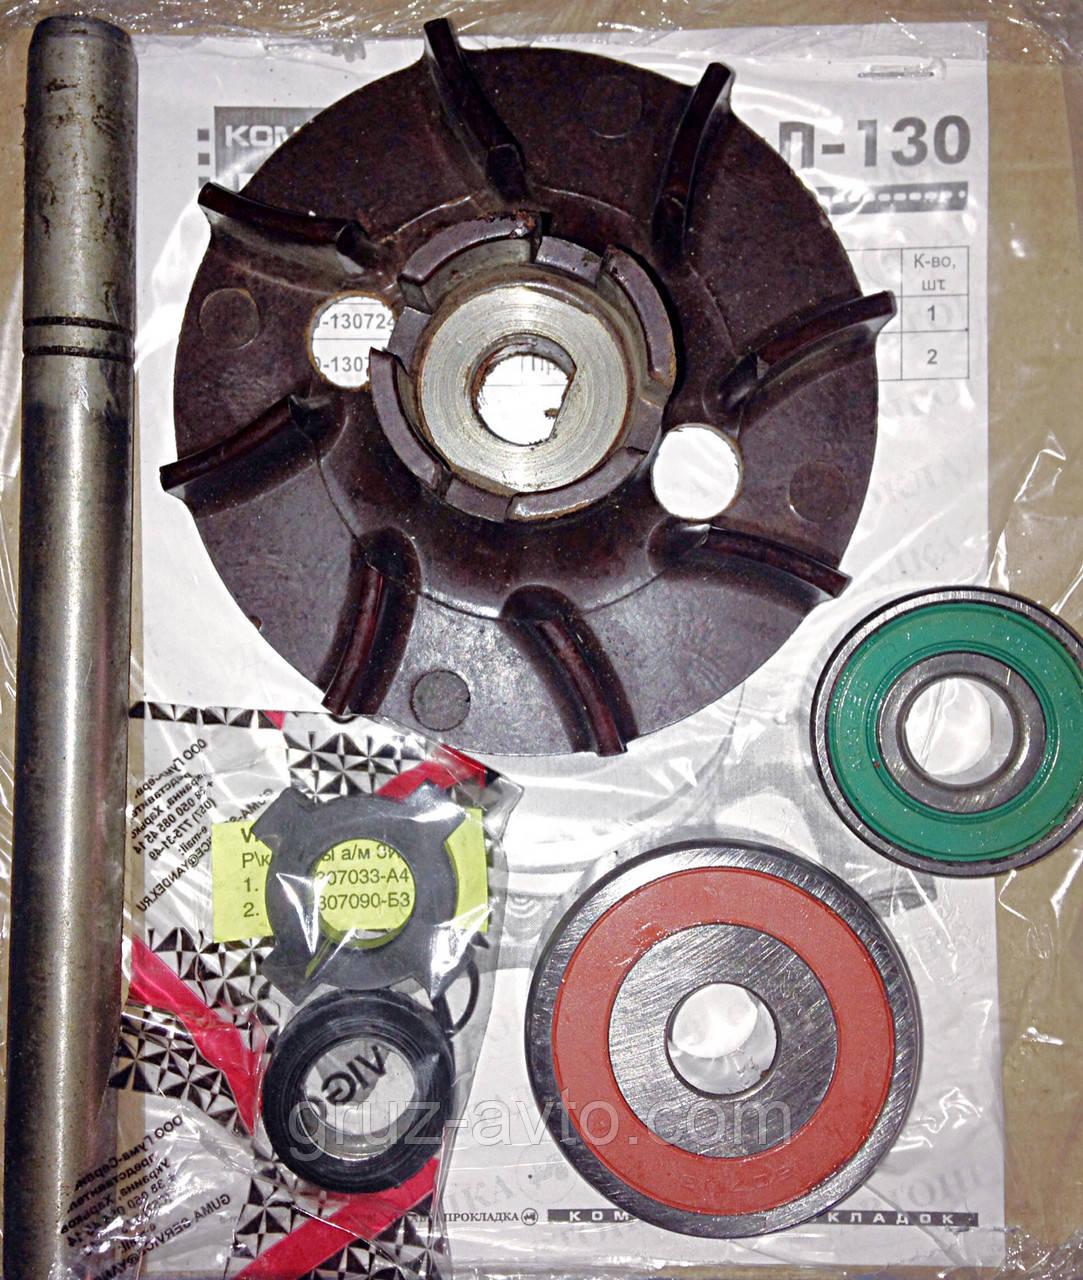 Ремкомплект водяного насоса ЗИЛ-130/ вал 2 подш.  крыльчатка фибра 3 прокладки